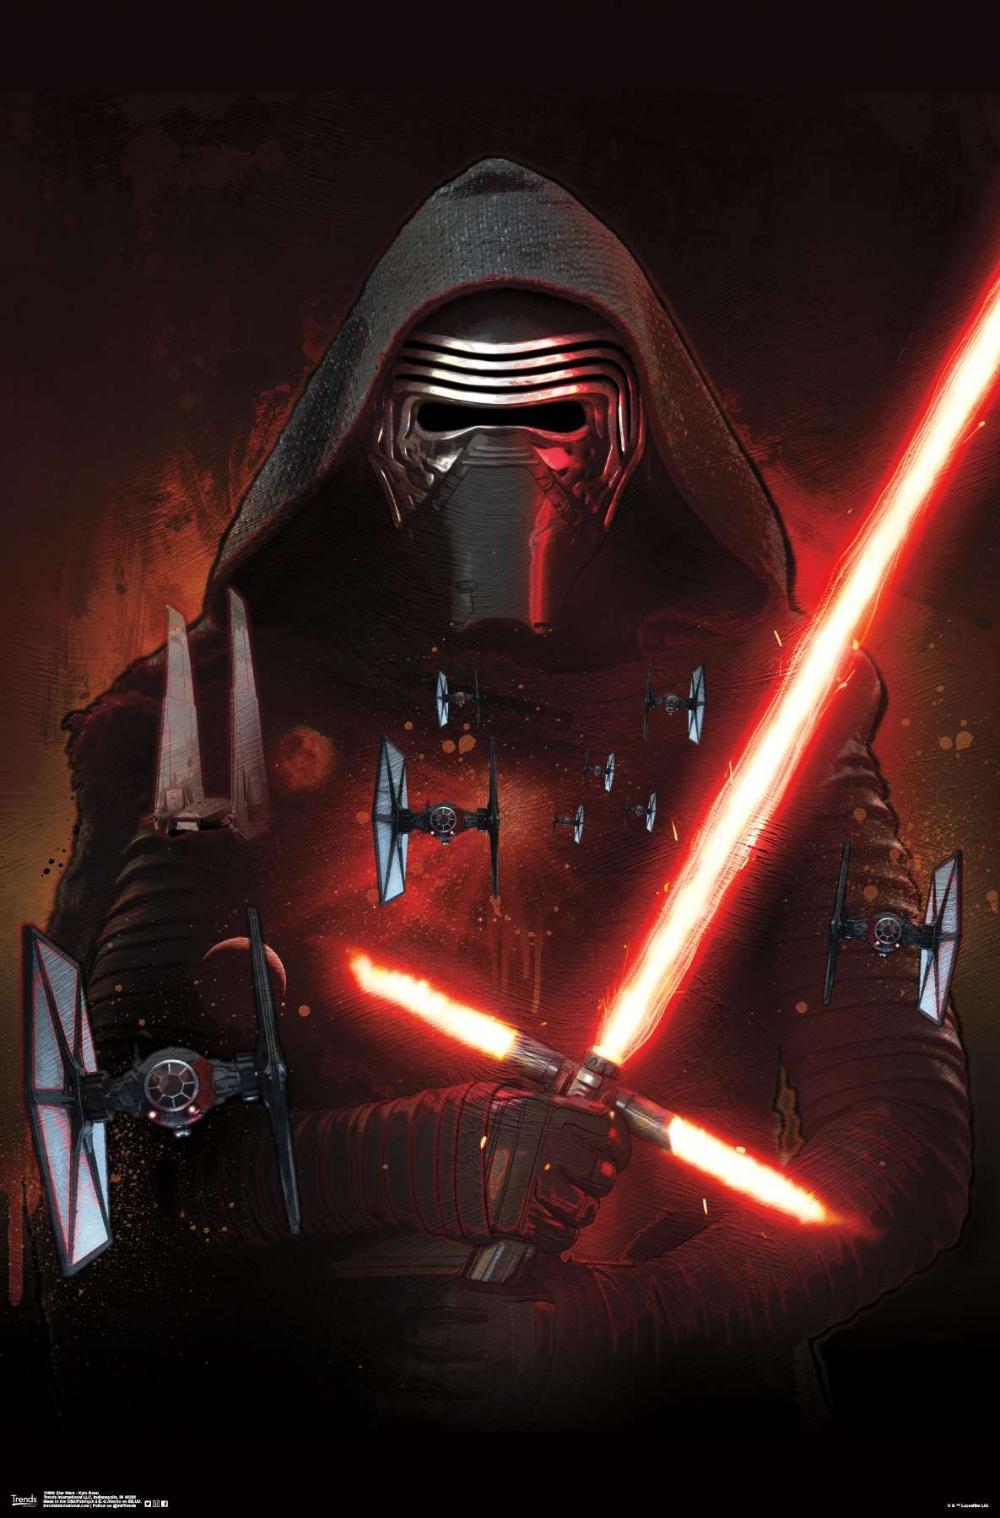 Star Wars The Force Awakens Kylo Ren Star Wars Background Star Wars Wallpaper Star Wars Poster